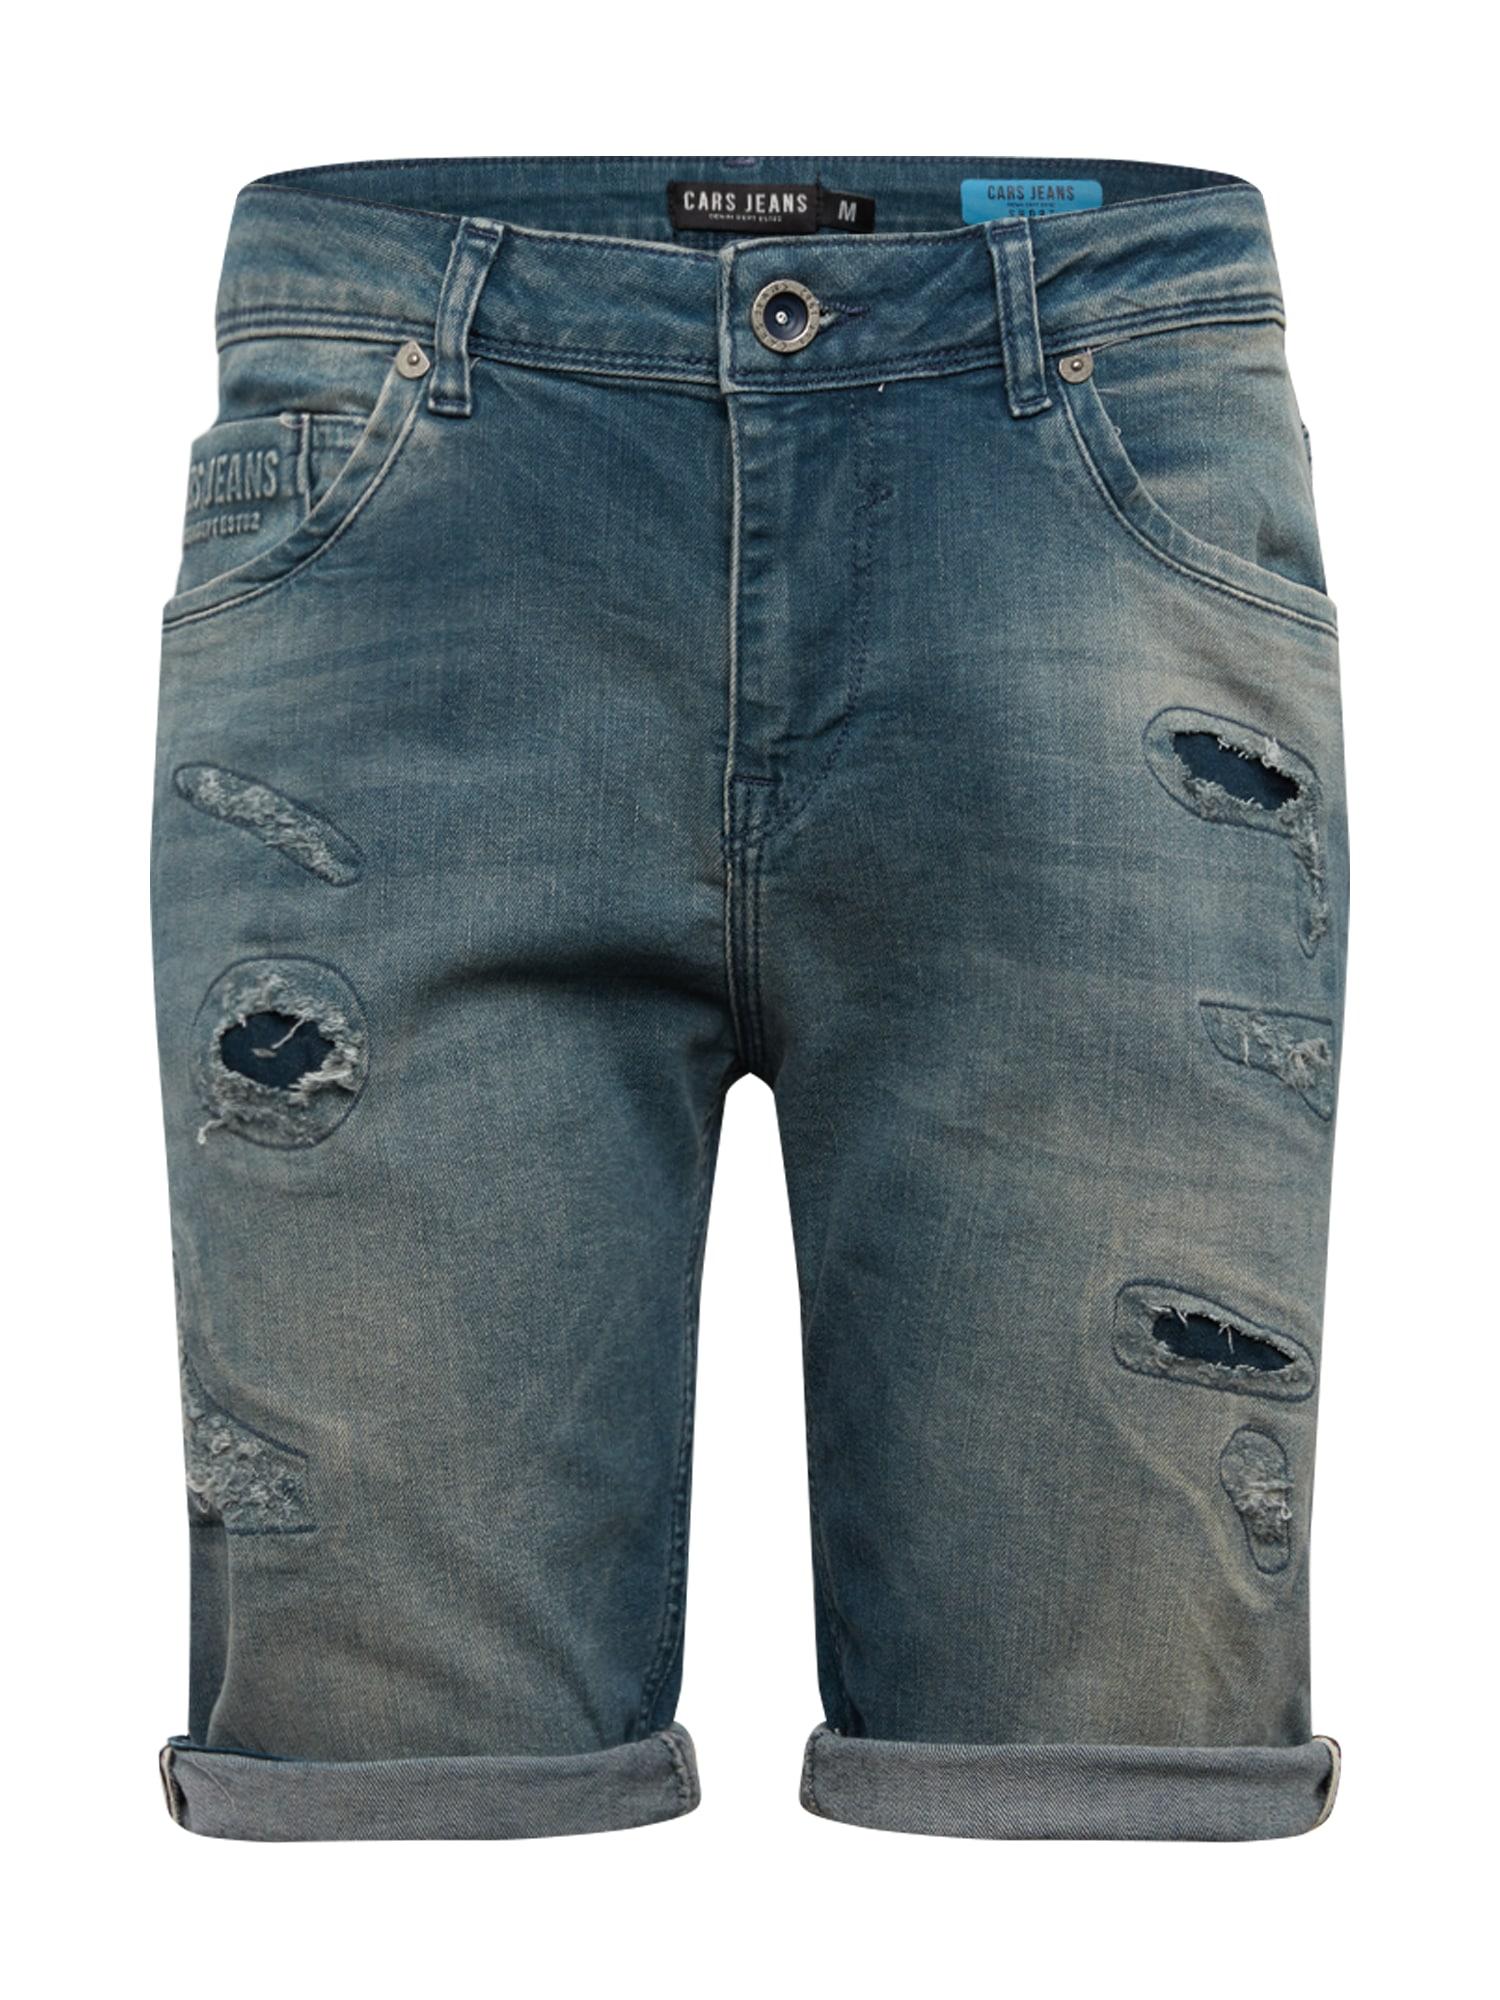 Cars Jeans Džinsai 'BECKER' tamsiai (džinso) mėlyna